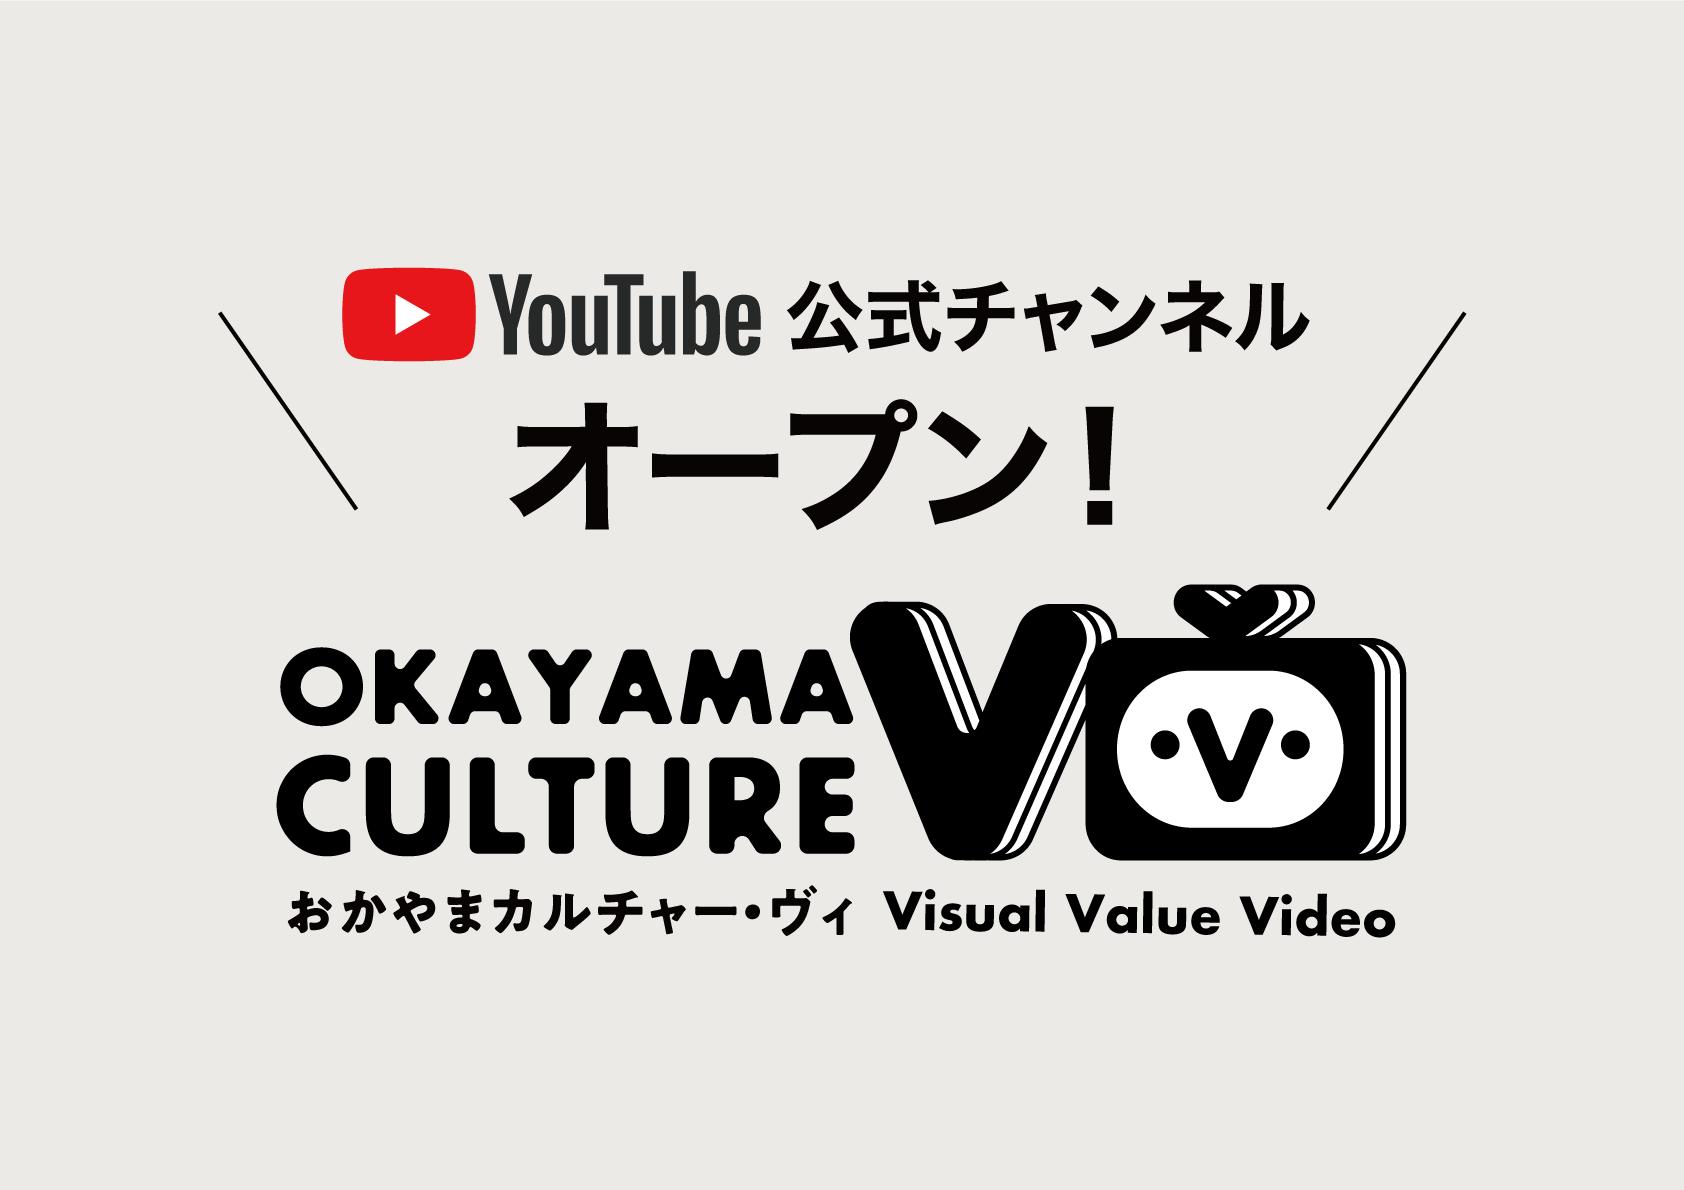 公式YouTubeチャンネル「おかやまカルチャー・ヴィ」オープン!